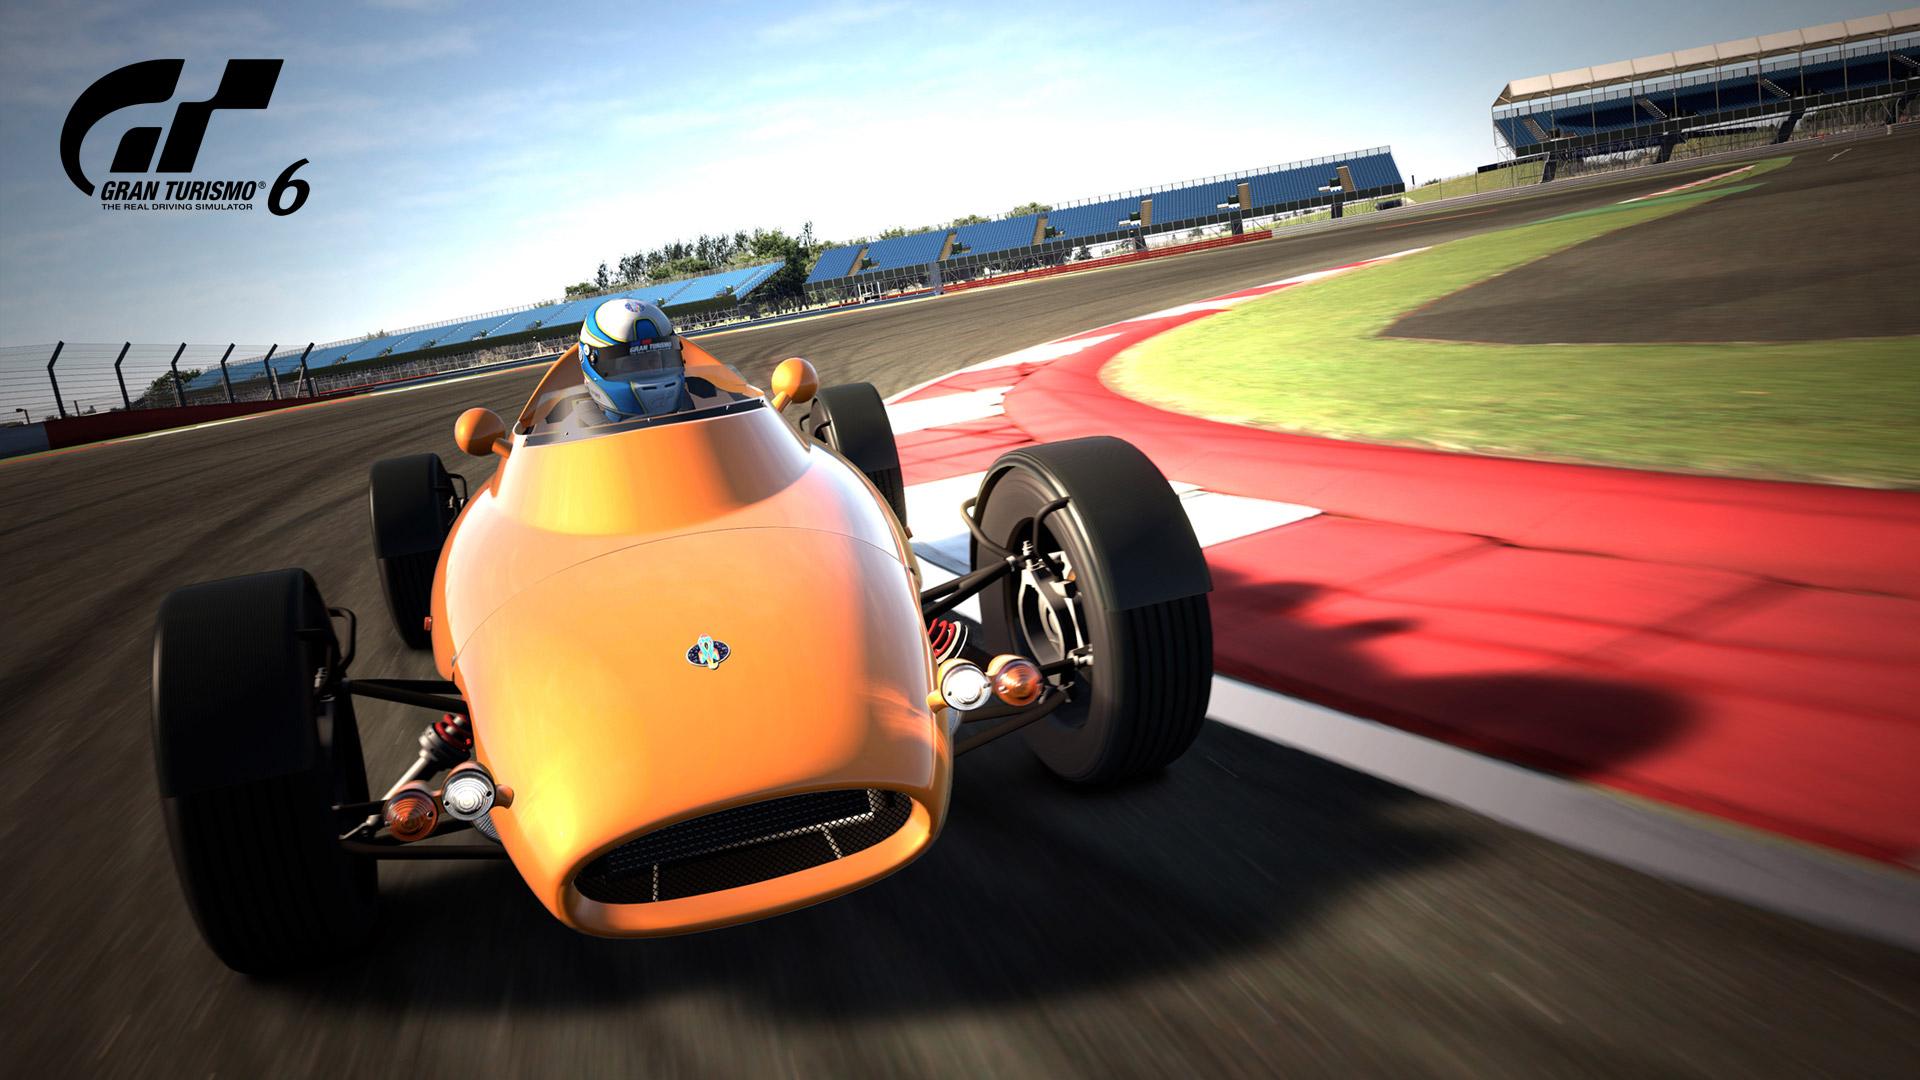 Gran Turismo 6 wallpaper 3